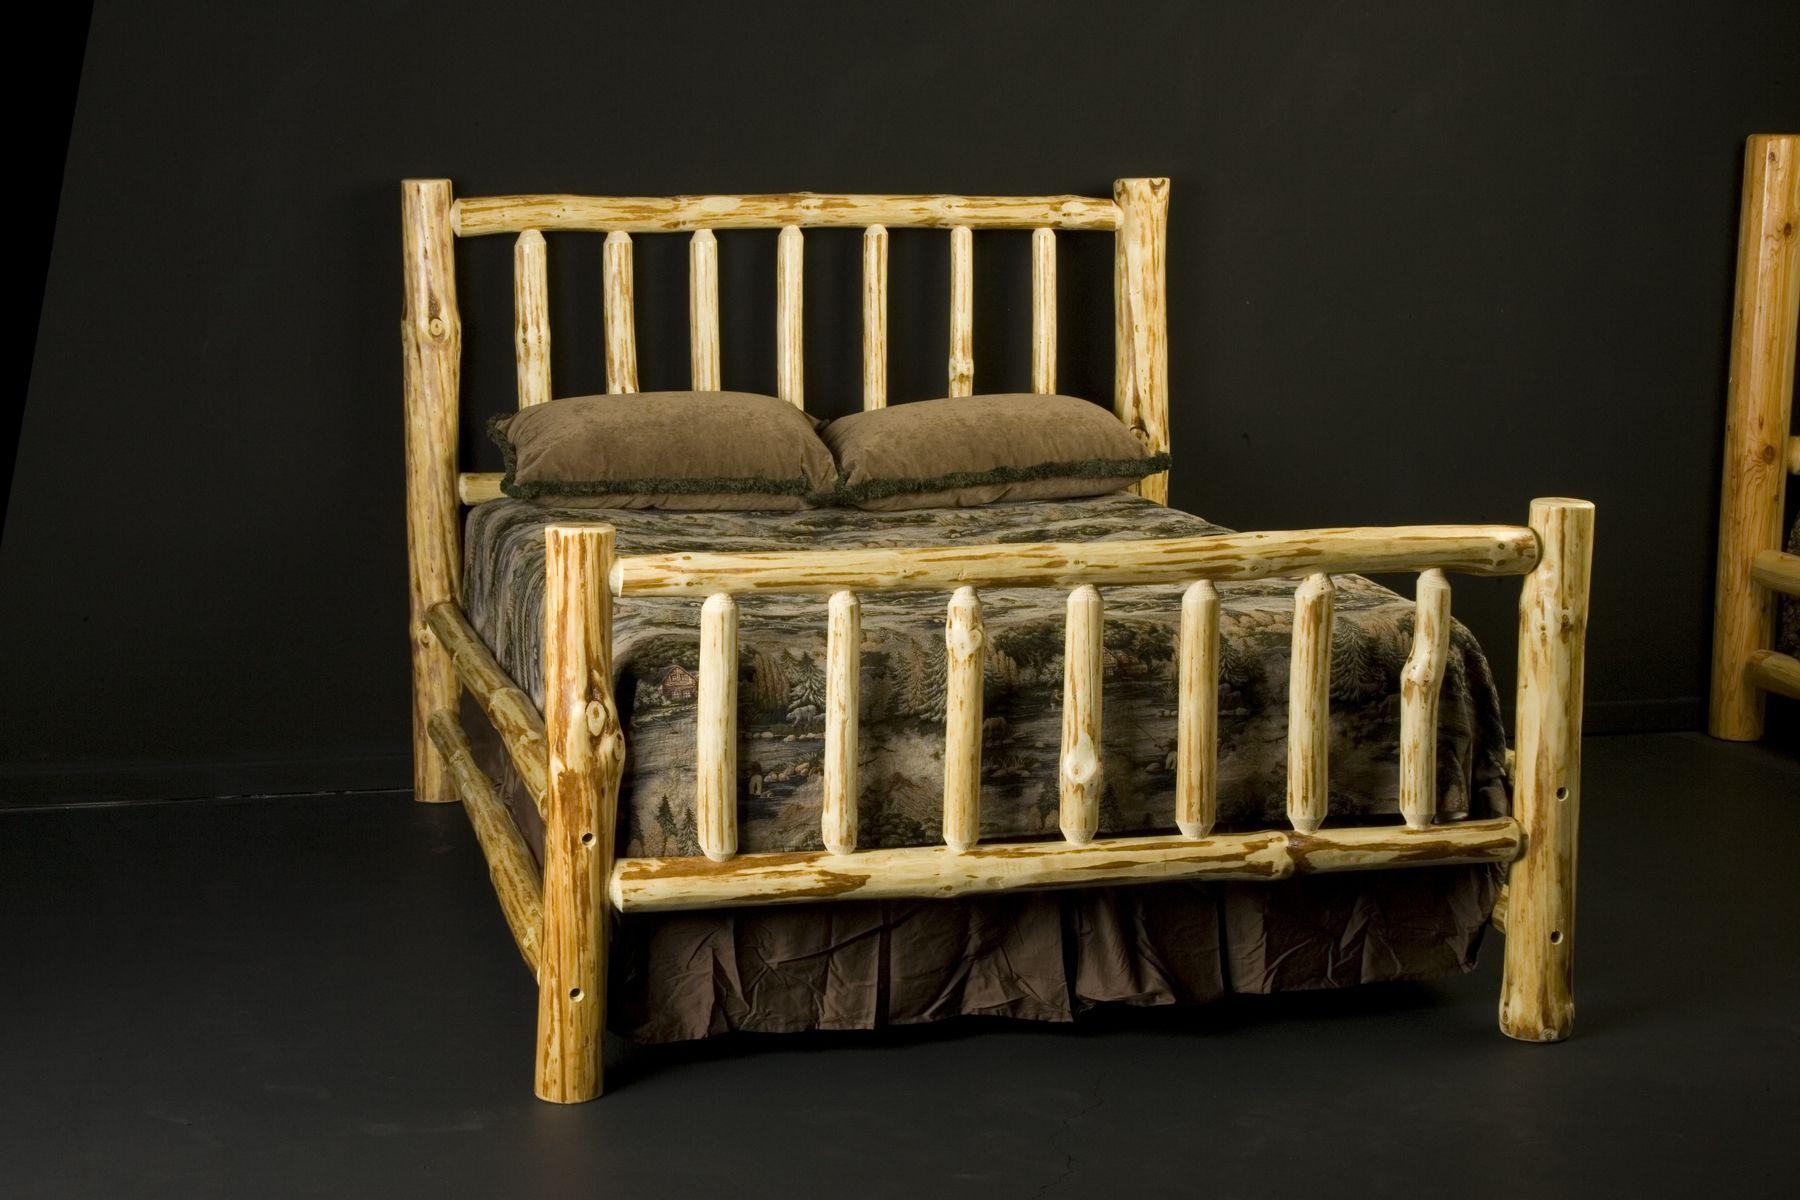 17 best images about cedar bedframe on pinterest rustic log